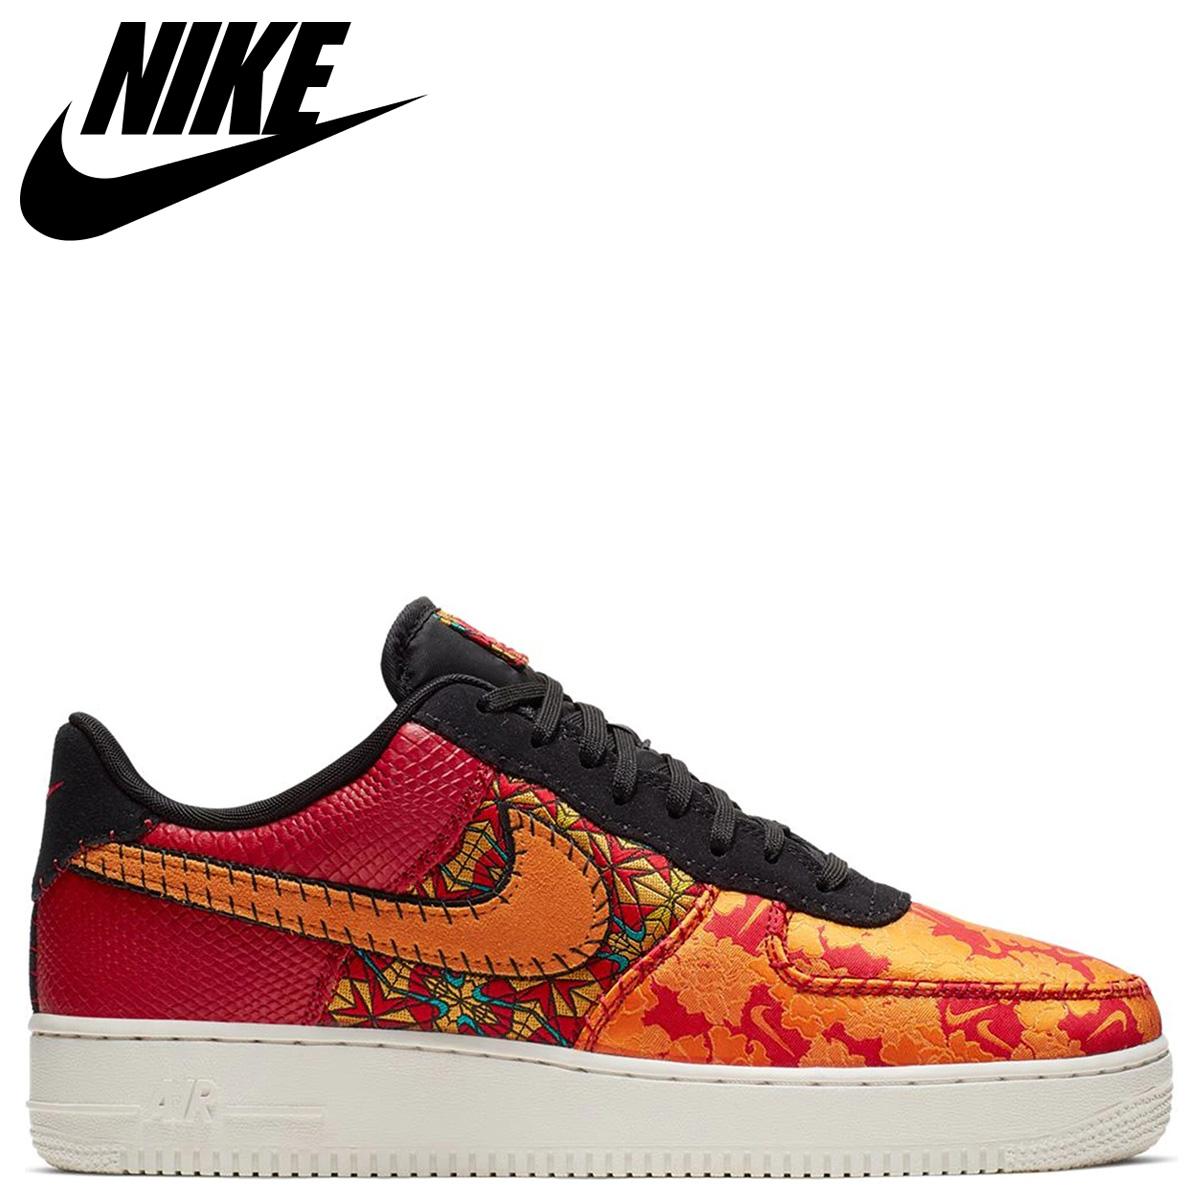 NIKE Nike air force 1 sneakers men AIR FORCE 1 07 PREMIUM 3 orange AT4144 601